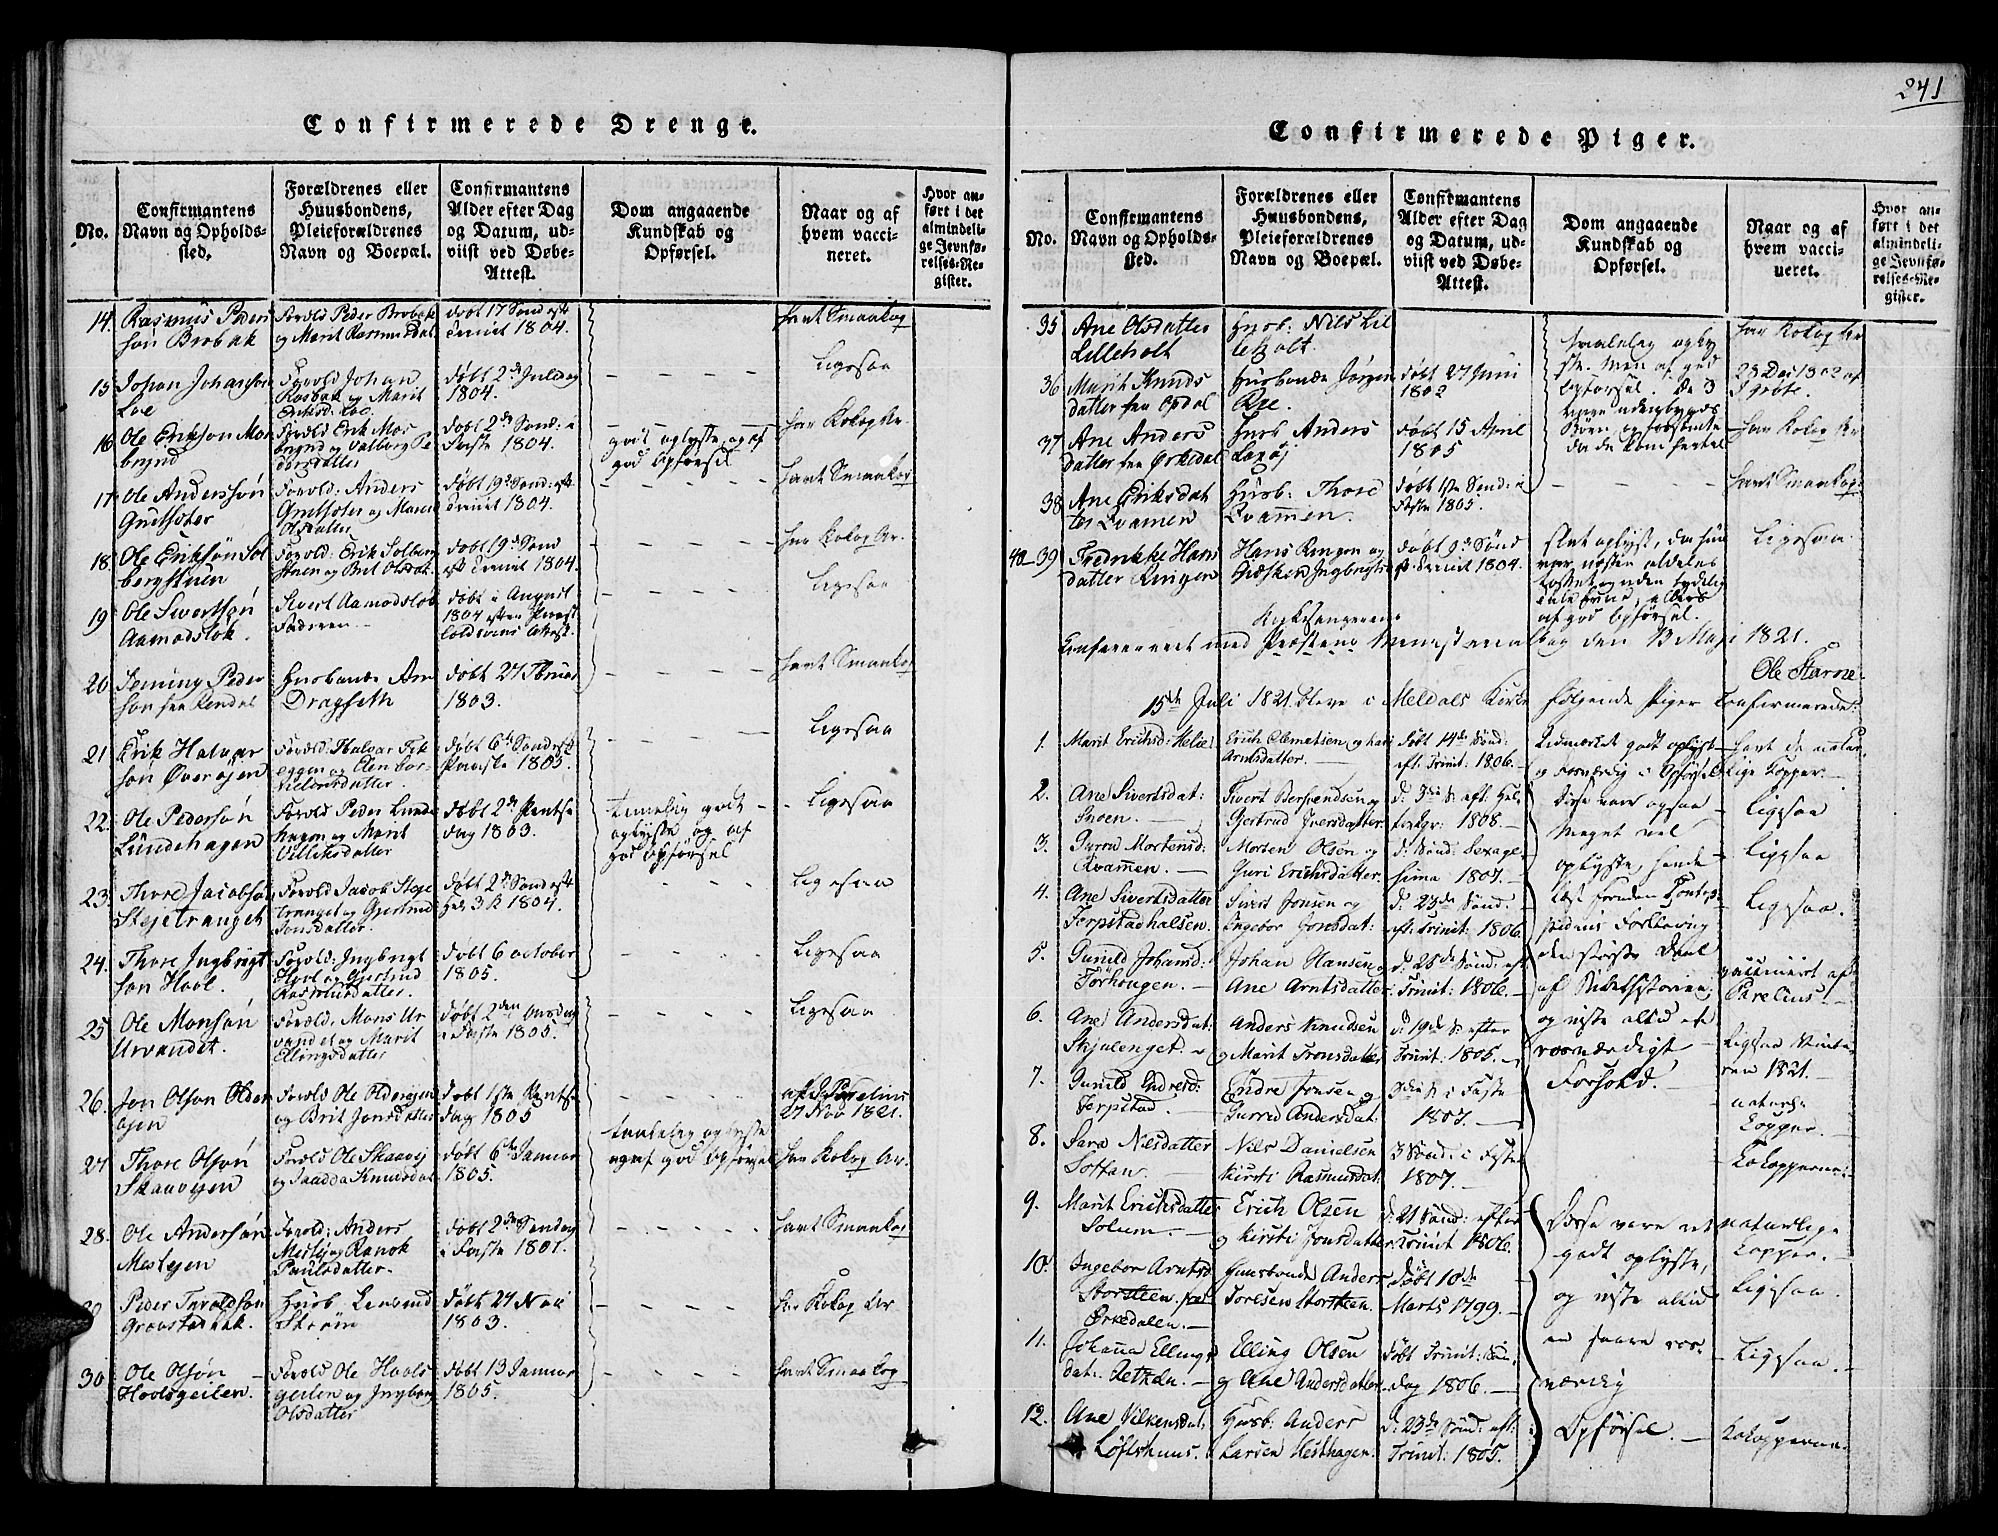 SAT, Ministerialprotokoller, klokkerbøker og fødselsregistre - Sør-Trøndelag, 672/L0853: Ministerialbok nr. 672A06 /1, 1816-1829, s. 241